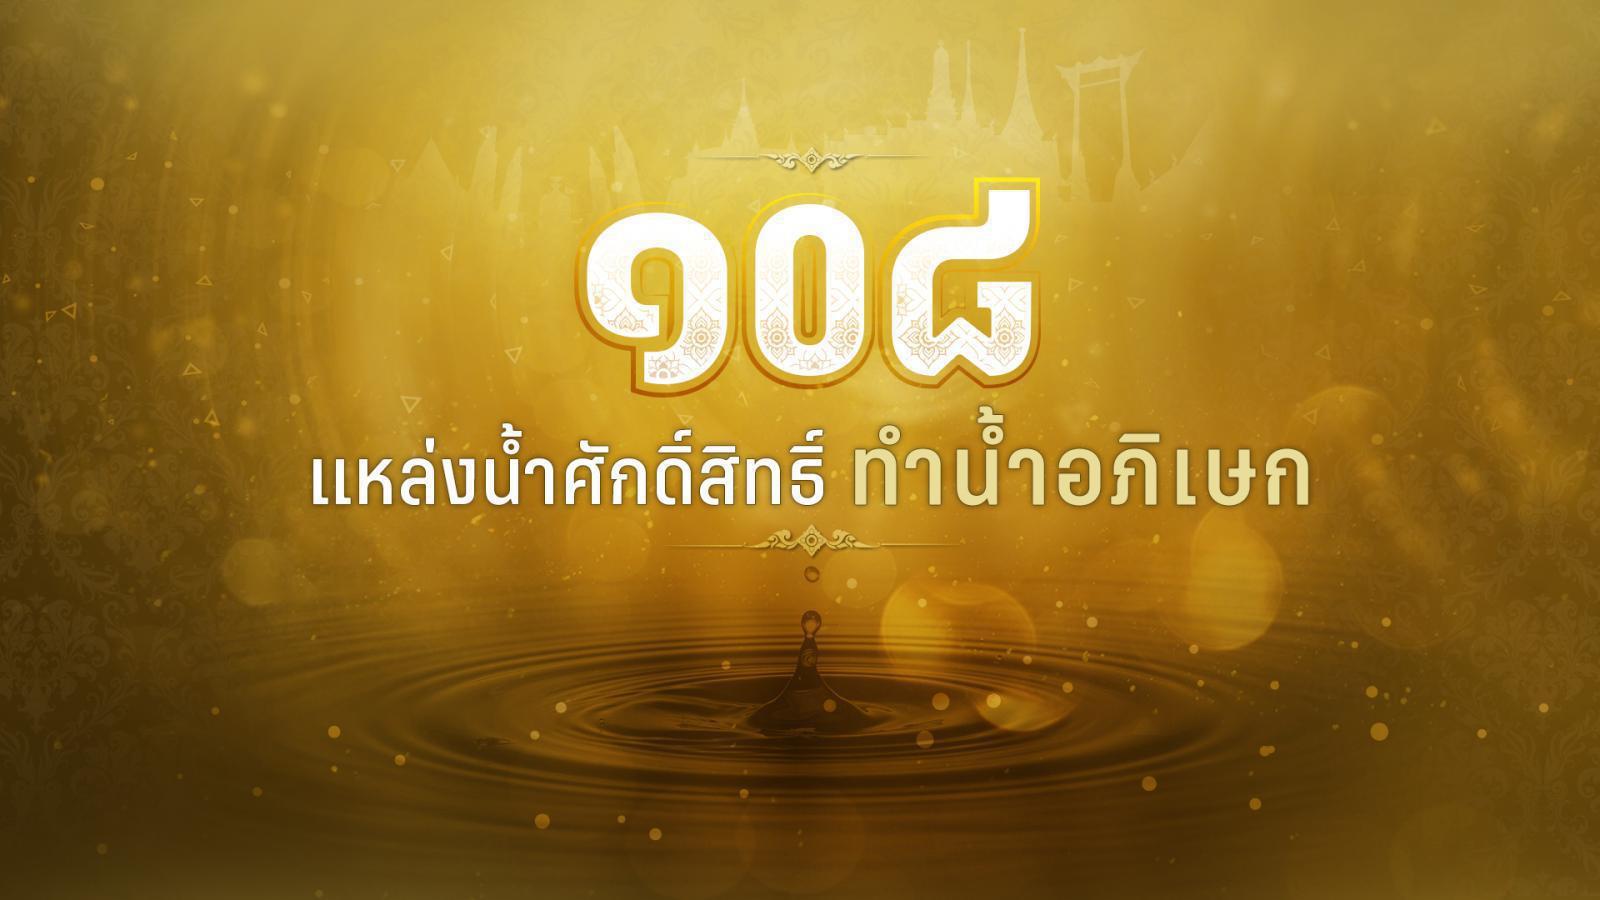 108 แหล่งน้ำศักดิ์สิทธิ์   ร่วมพิธีเสกน้ำอภิเษก ประกอบพระราชพิธีบรมราชาภิเษก